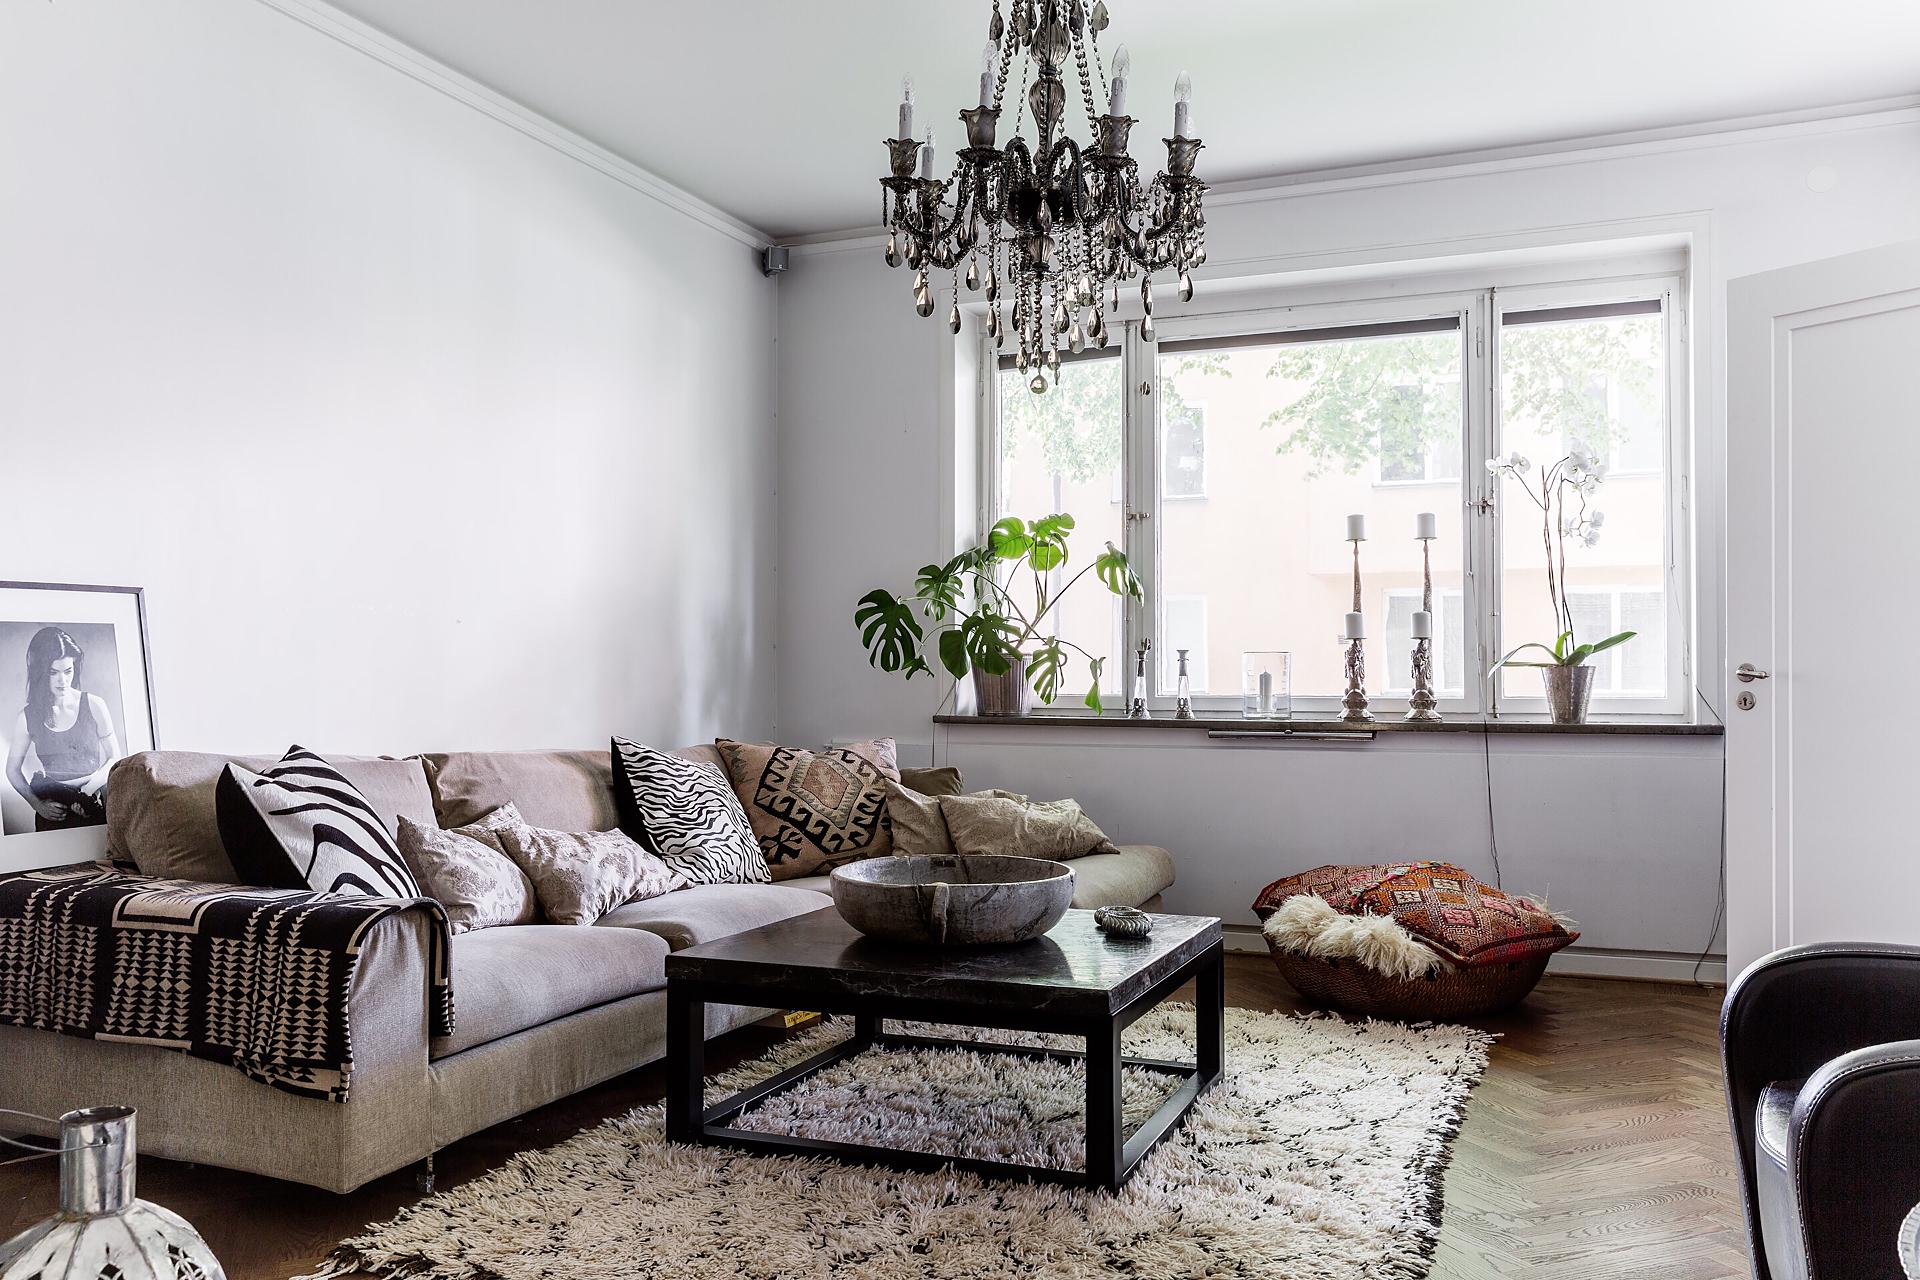 гостиная ковер окно подоконник вентиляция диван подушки журнальный столик